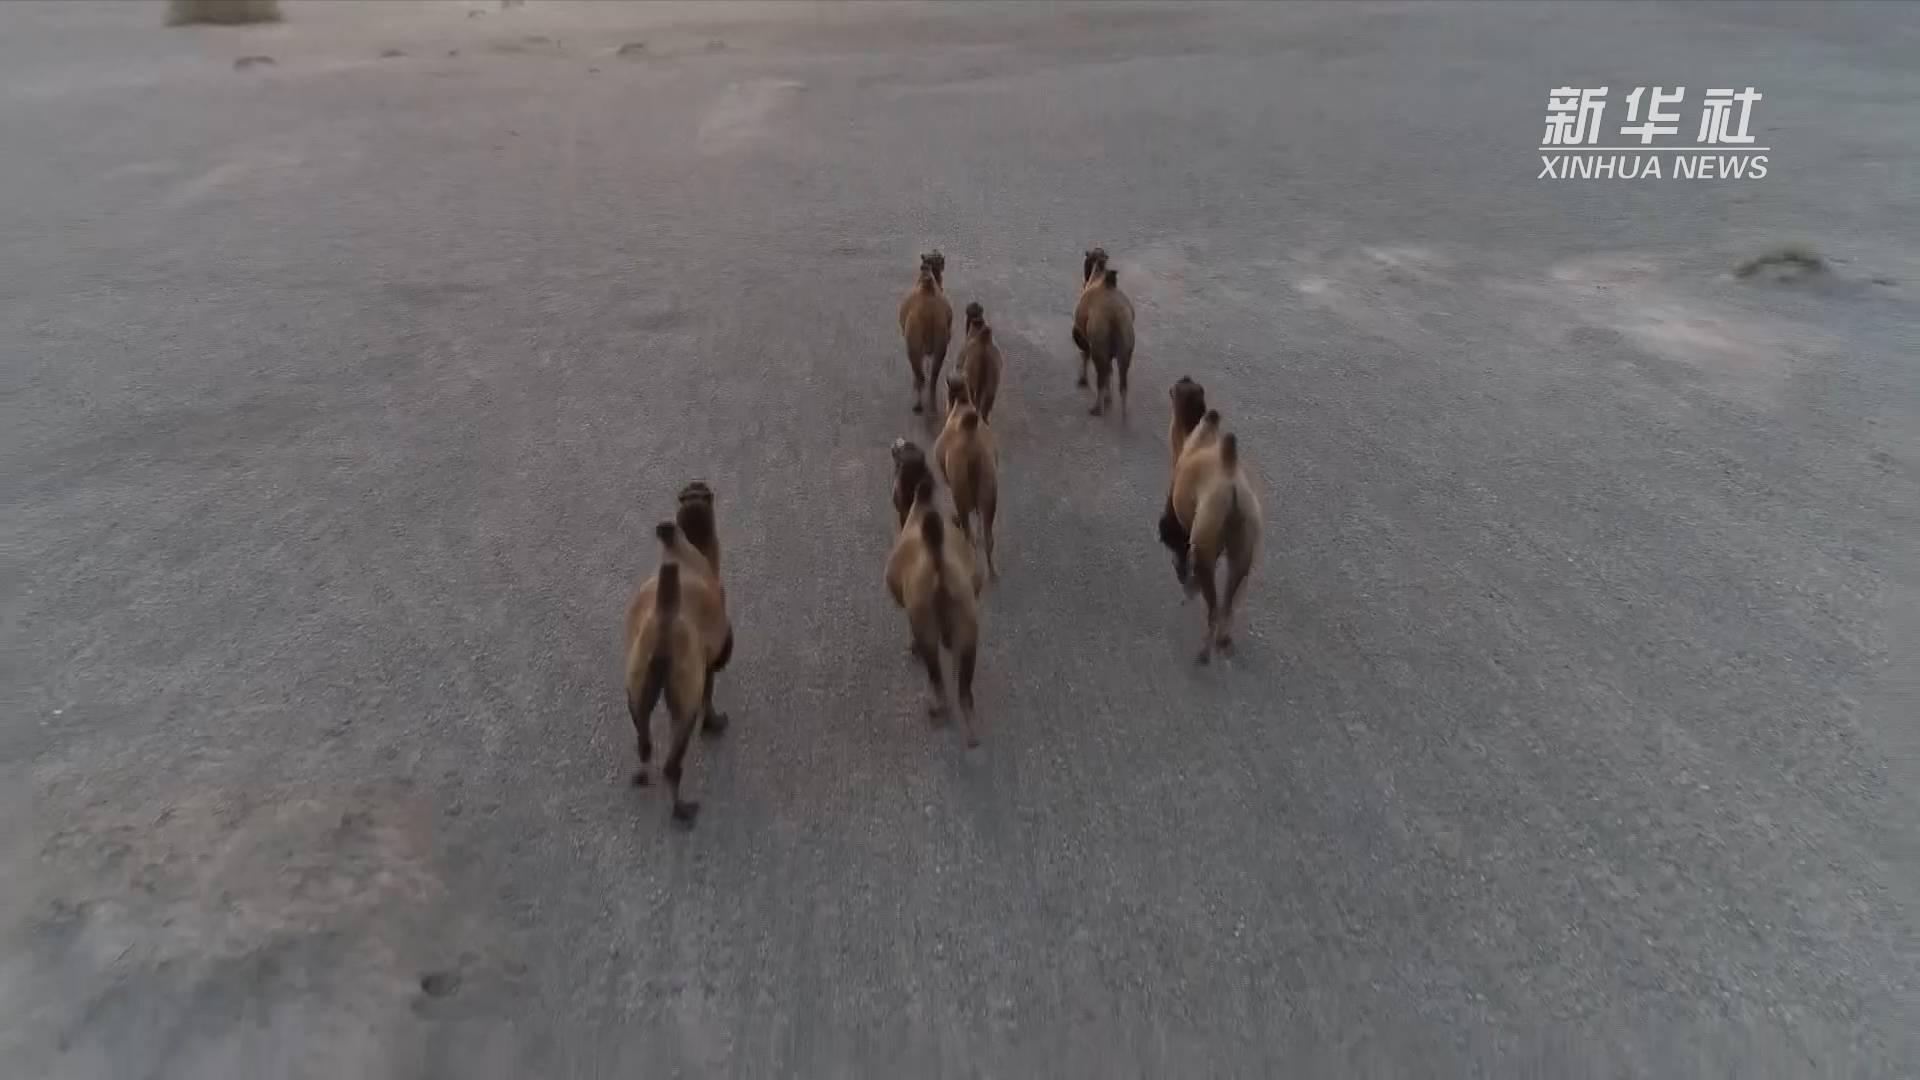 4峰野骆驼在甘肃敦煌再次放归